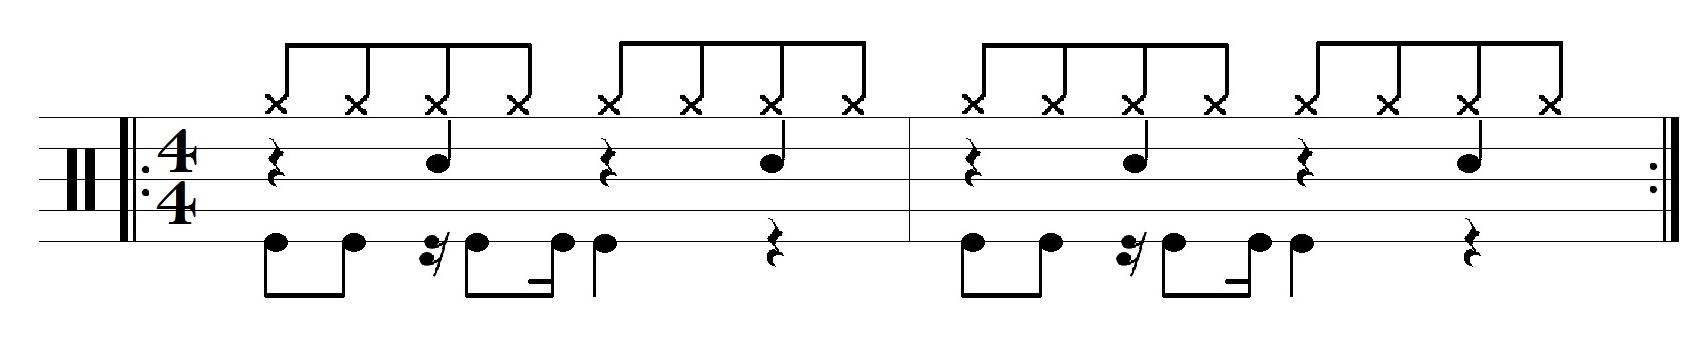 Aplicação de paradiddles no groove